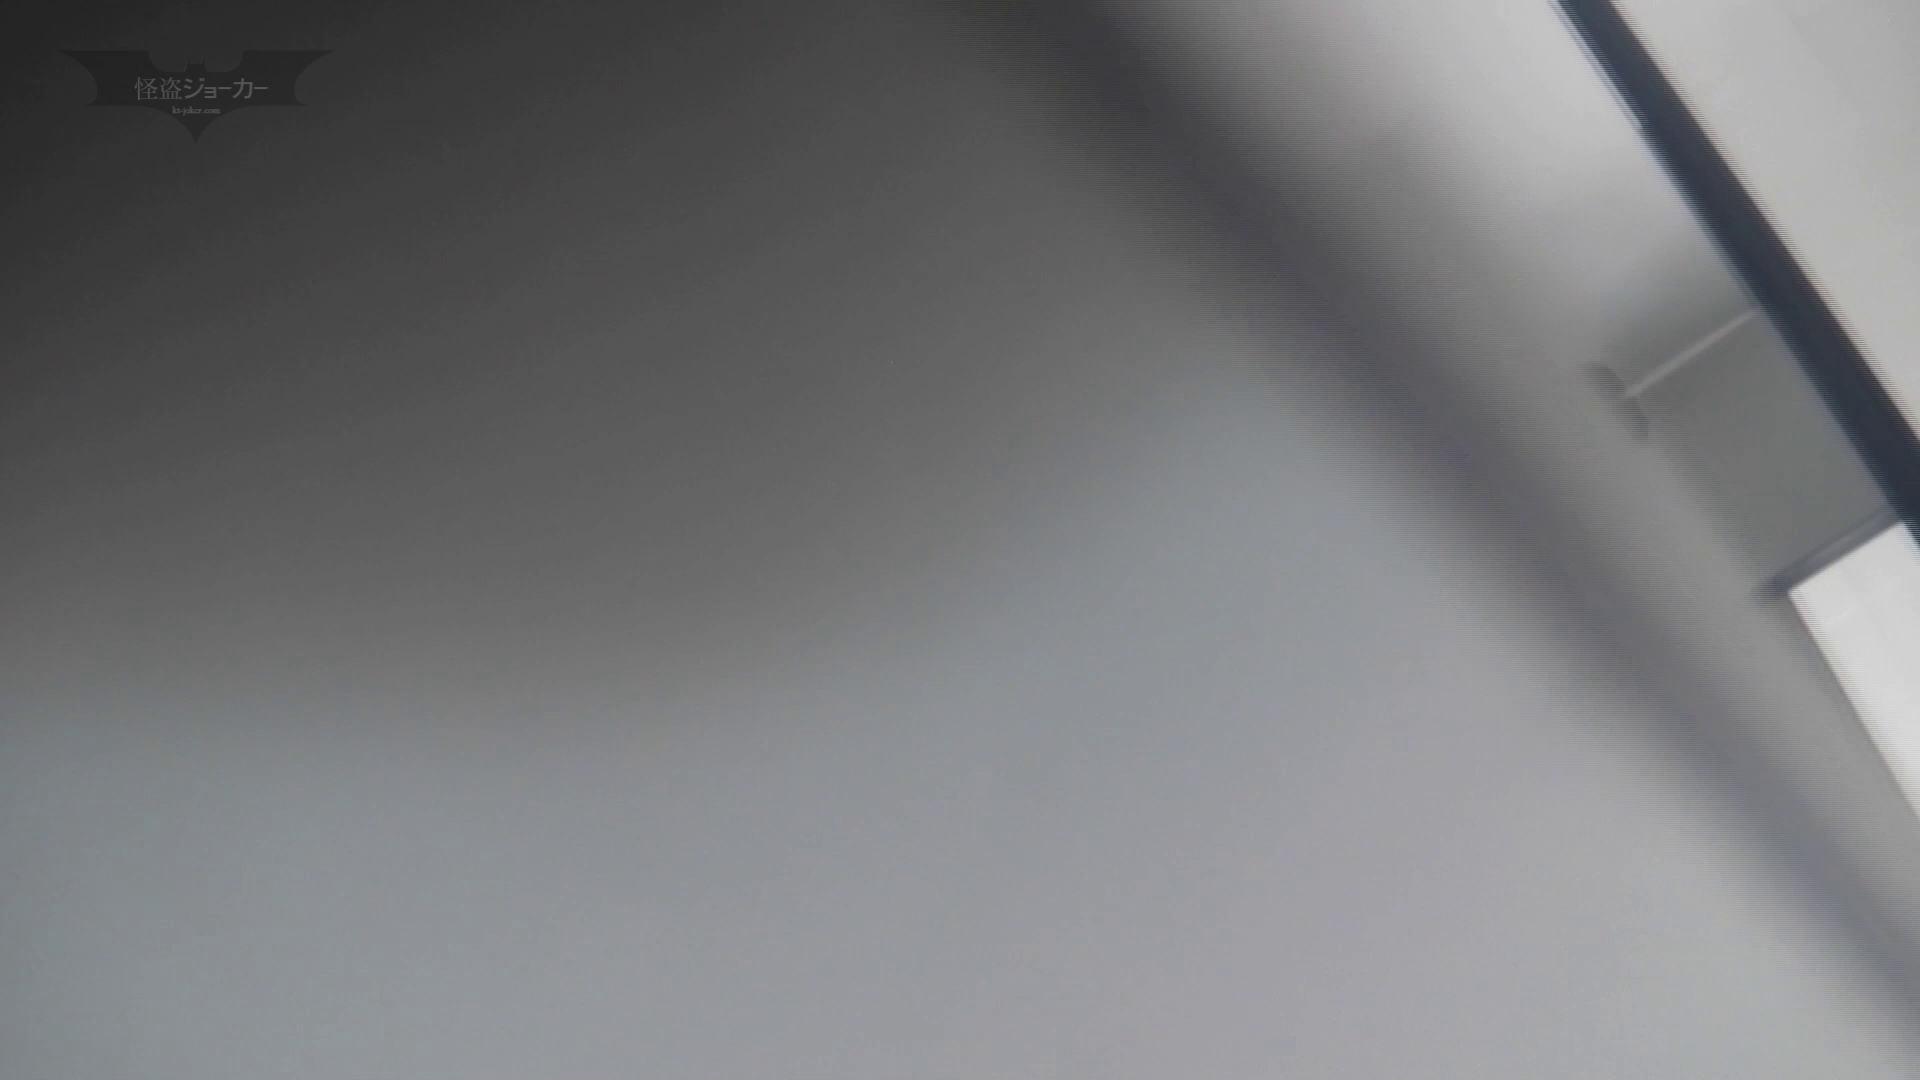 潜入!!台湾名門女学院 Vol.10 進化 美女ハメ撮り  110Pix 61